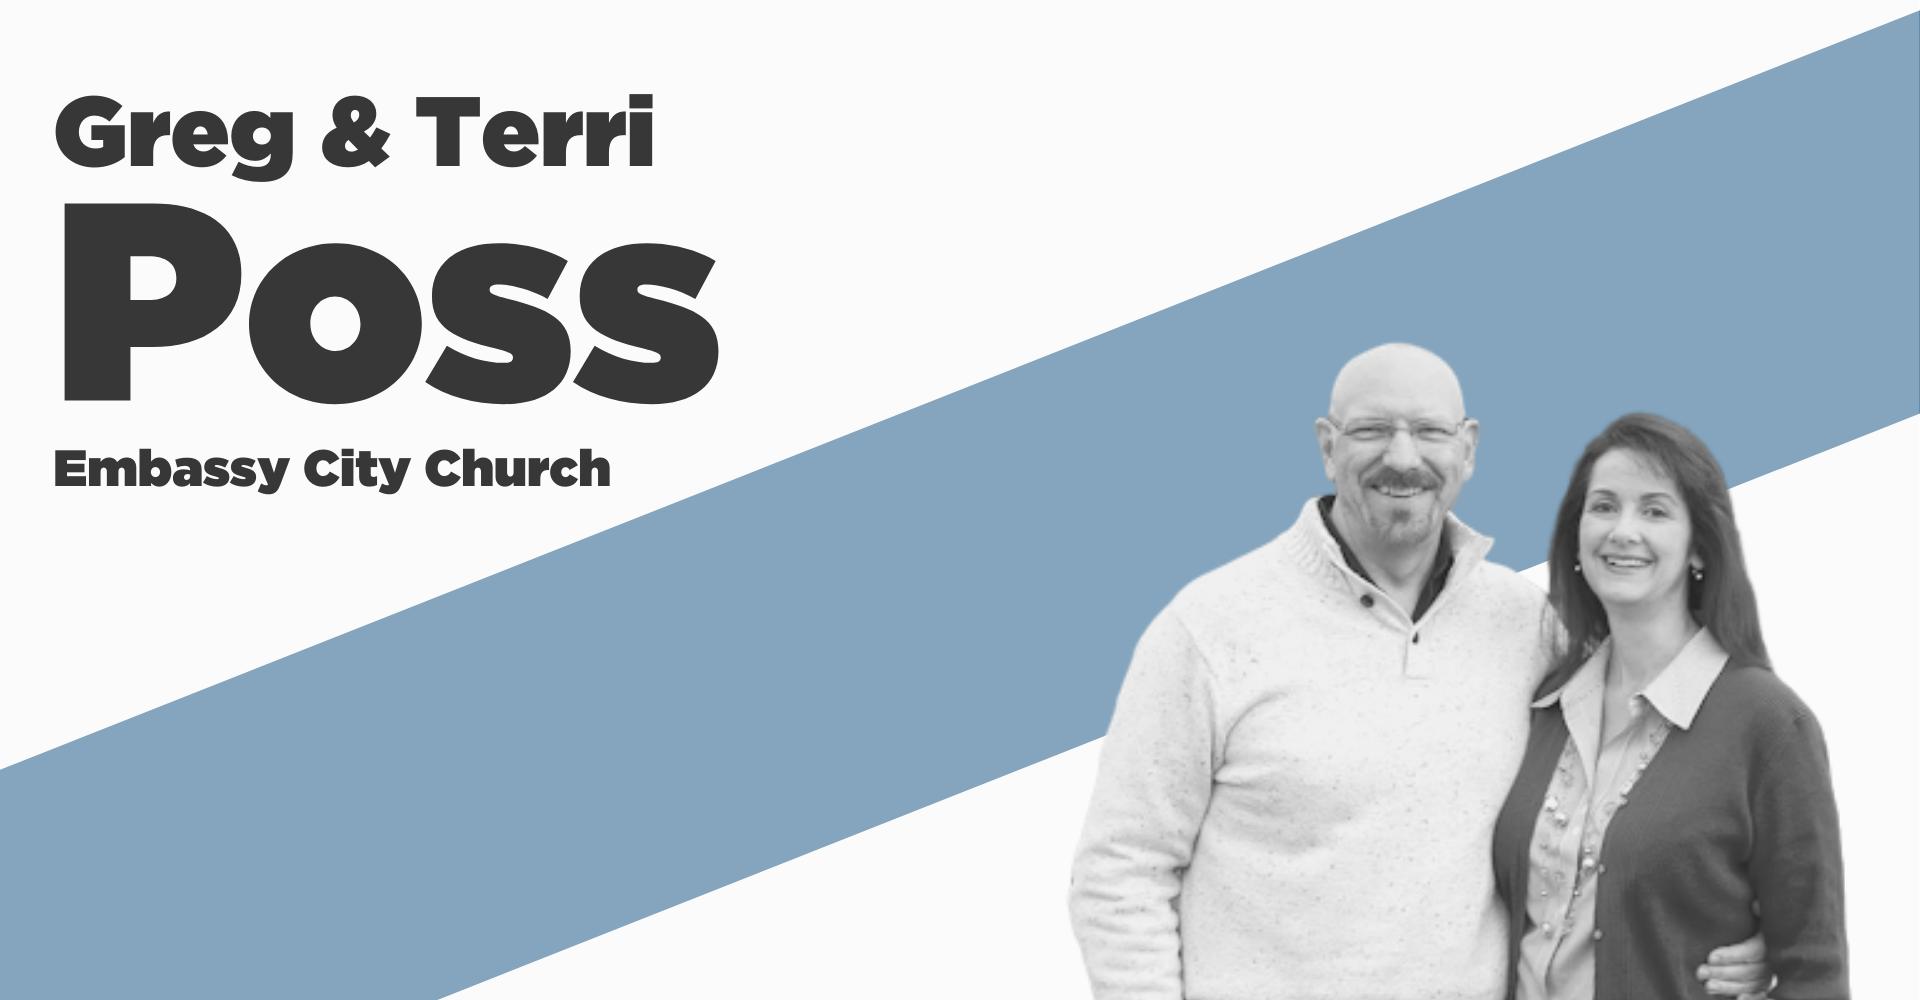 Greg & Terri Poss, Embassy City Church